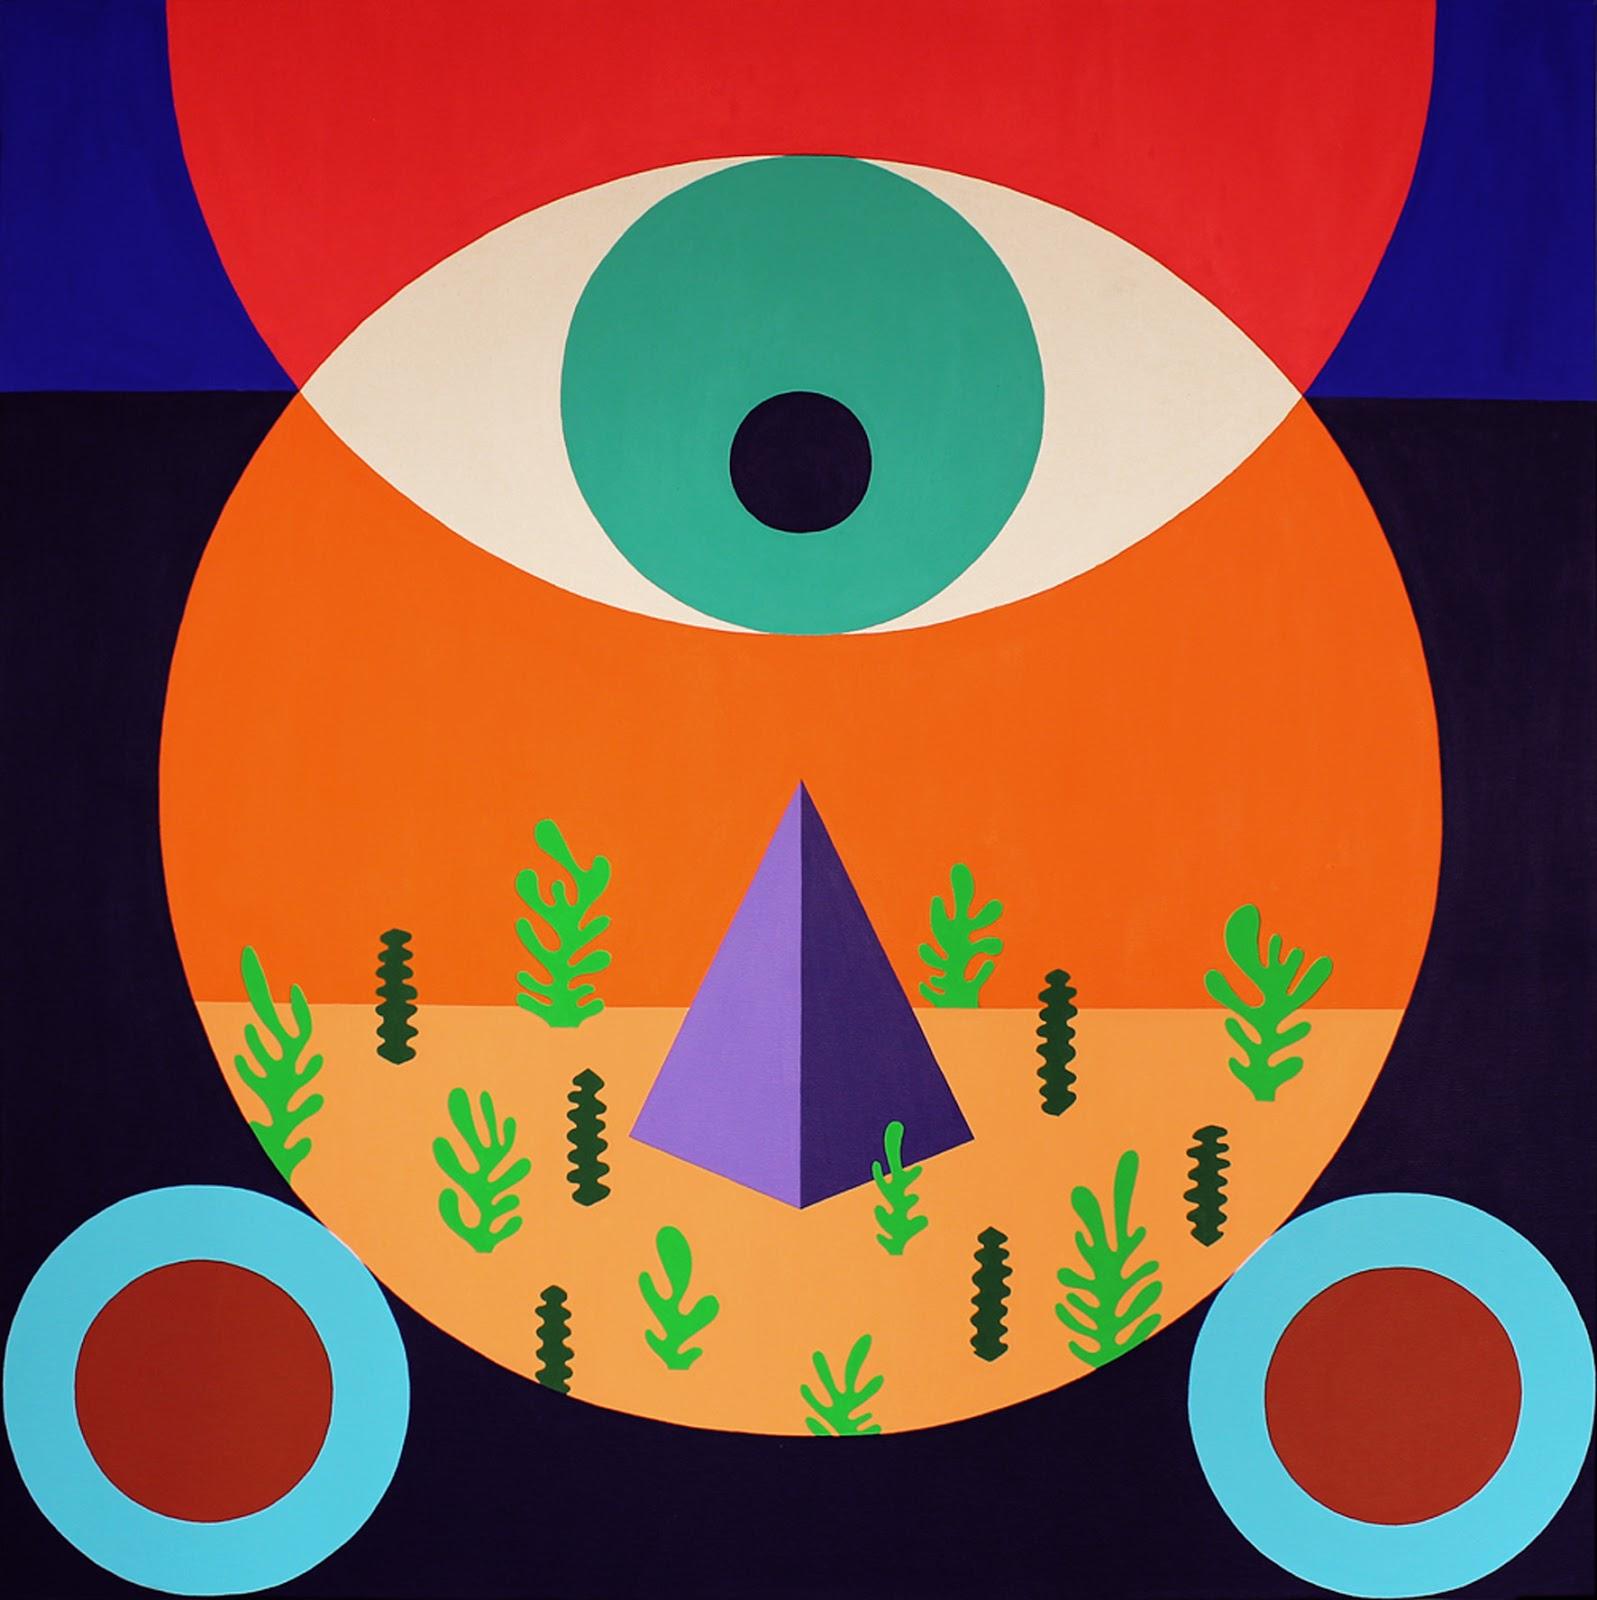 15a073adb62f2 ... o artista movimenta volumes, reinventa linhas, organiza espaços. Os  trabalhos de Gustavo Francesconi partem das misturas de cor e dos livres  encontros ...